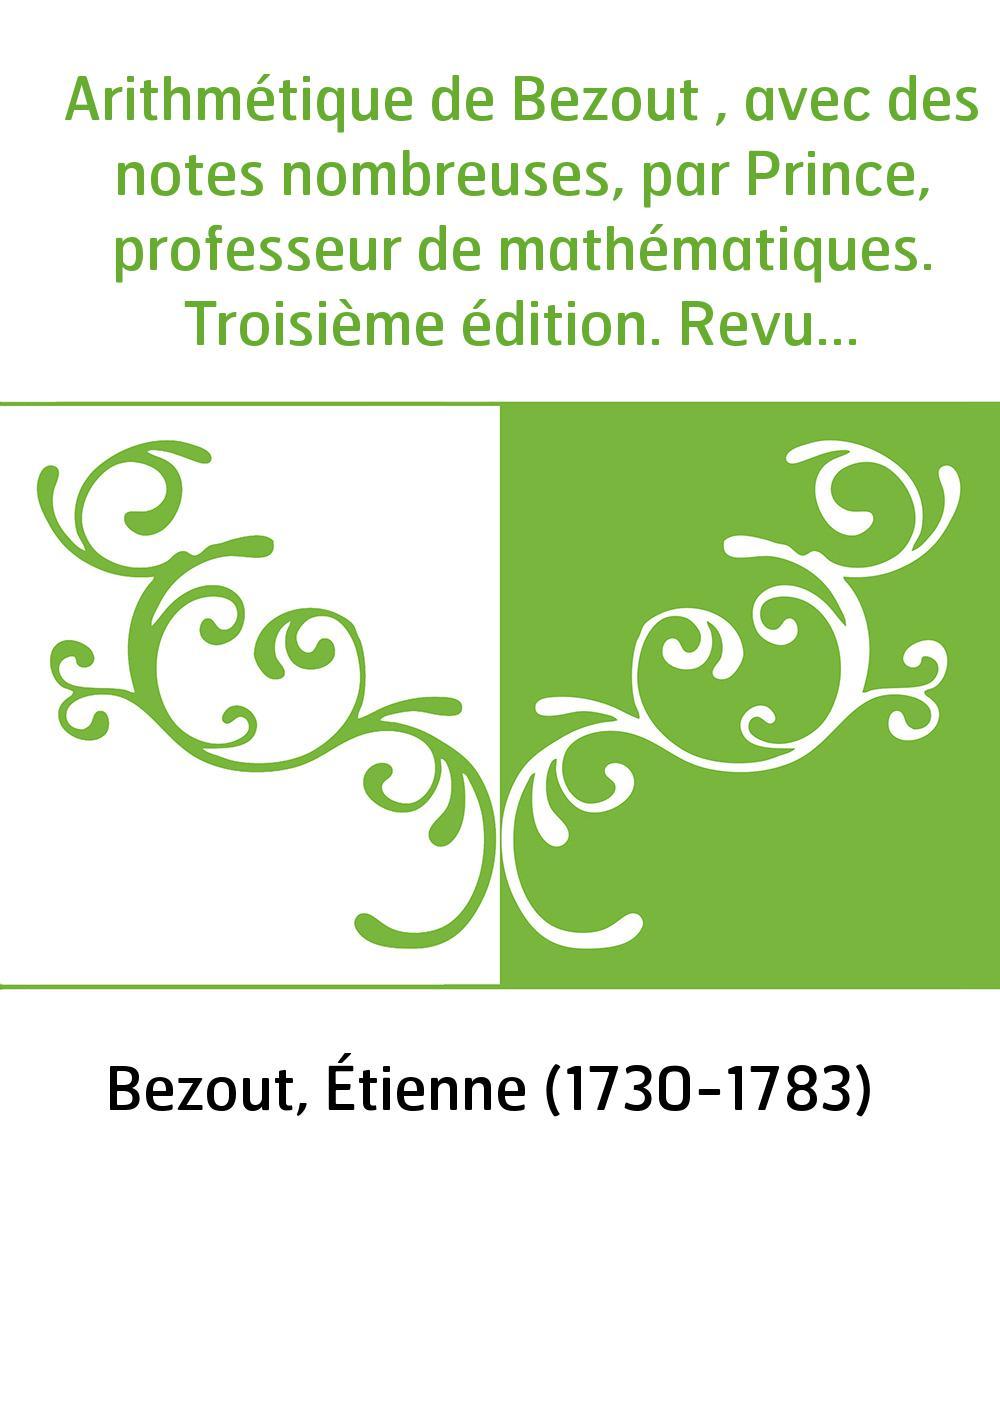 Arithmétique de Bezout , avec des notes nombreuses, par Prince, professeur de mathématiques. Troisième édition. Revue, corrigée